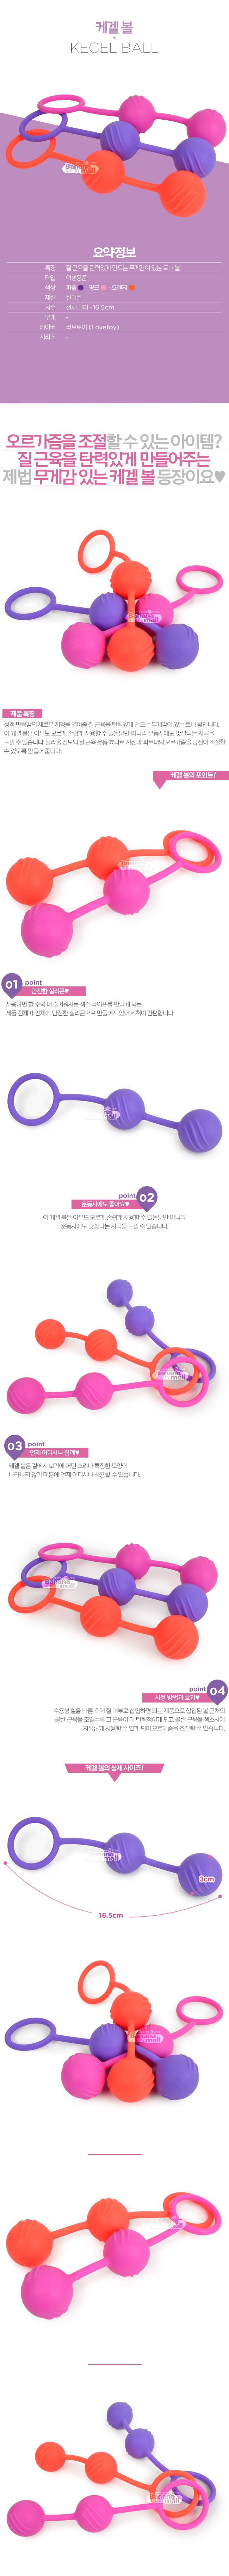 [케겔운동] 케겔 볼(Lovetoy Kegel Ball) - 러브토이(46701)